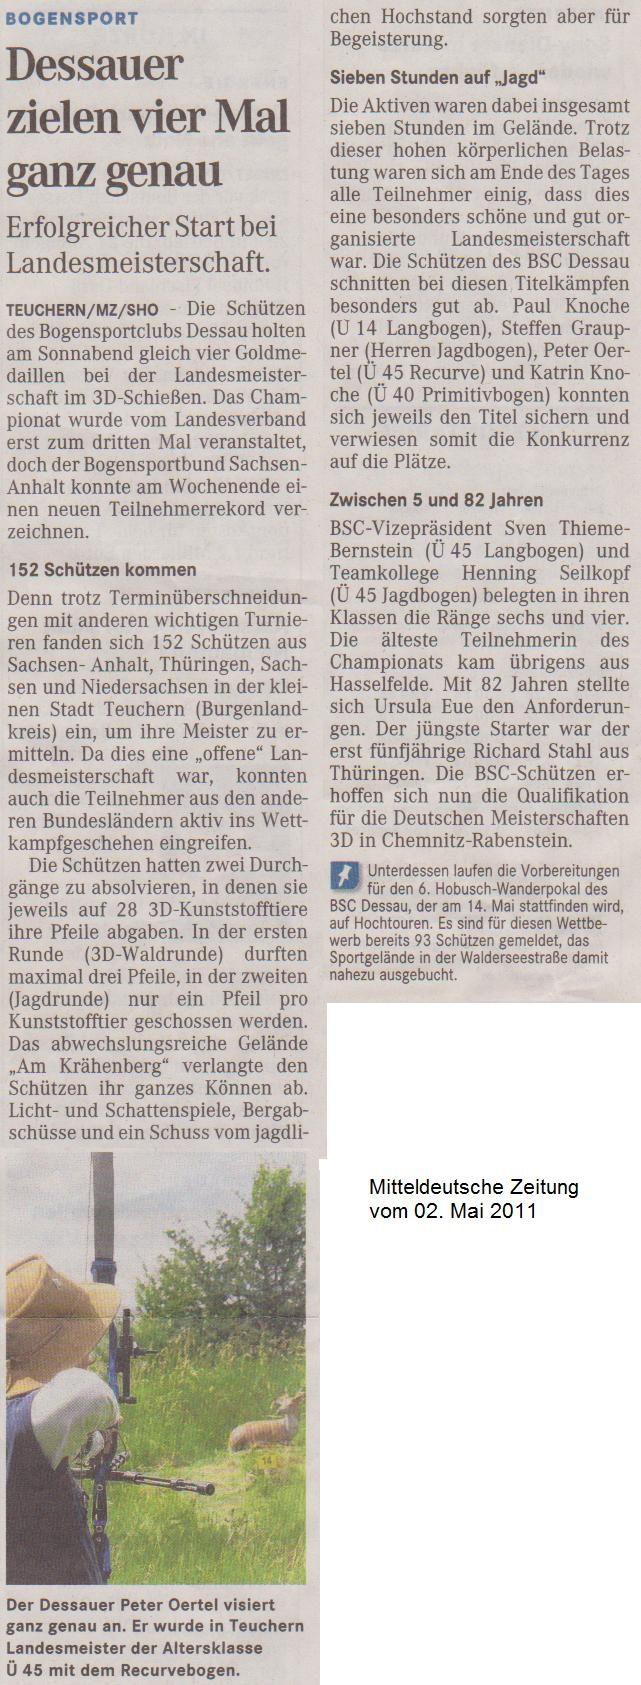 LM 3D in Teuchern – Mitteldeutsche Zeitung vom 02.05.2011